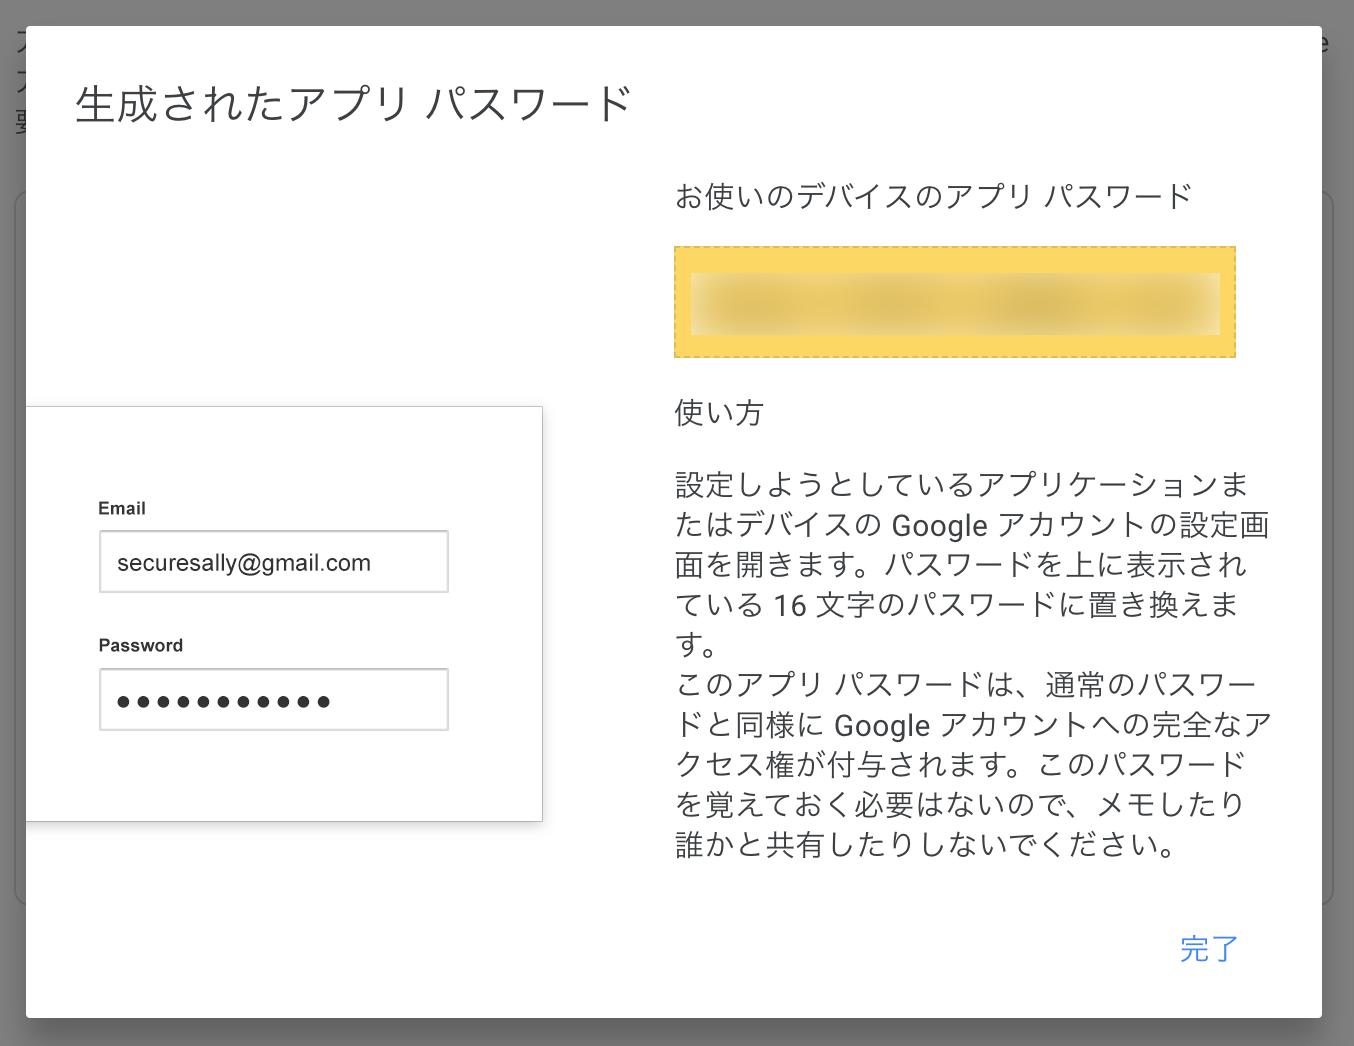 スクリーンショット 2020-04-04 15.04.21.png